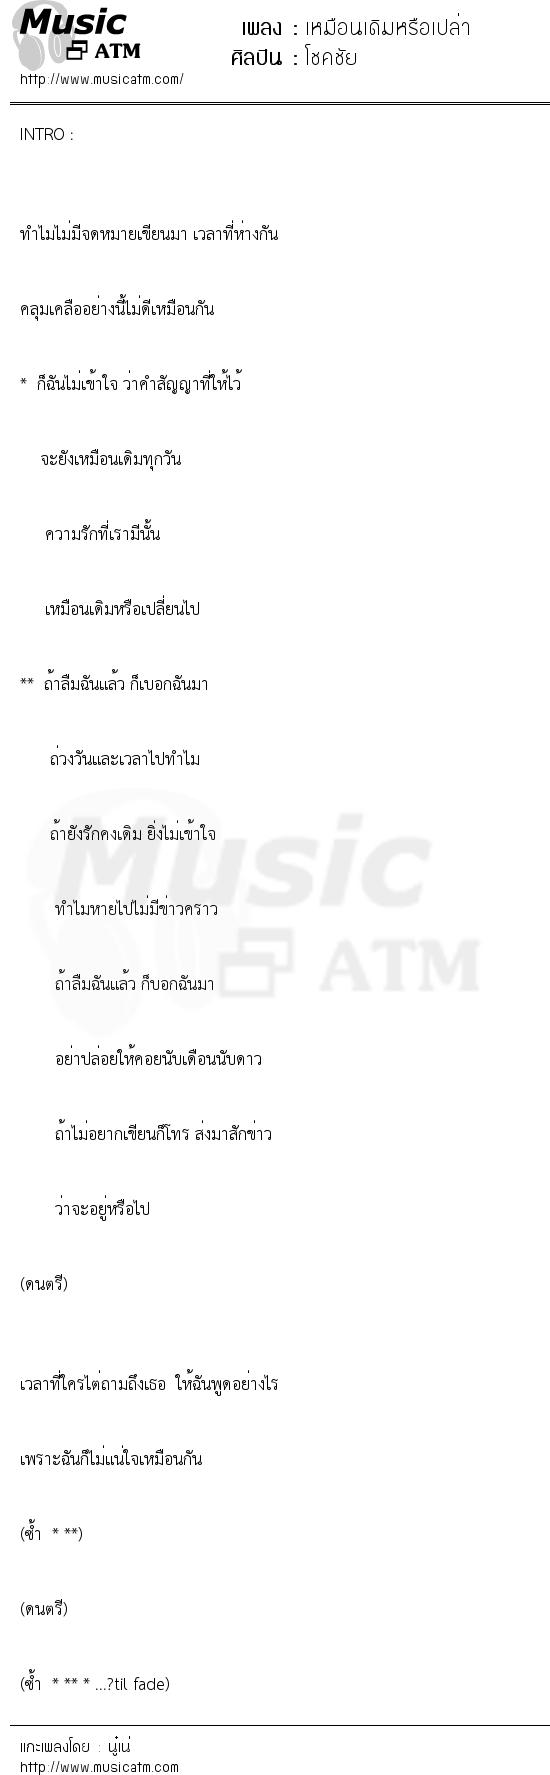 เหมือนเดิมหรือเปล่า | เพลงไทย